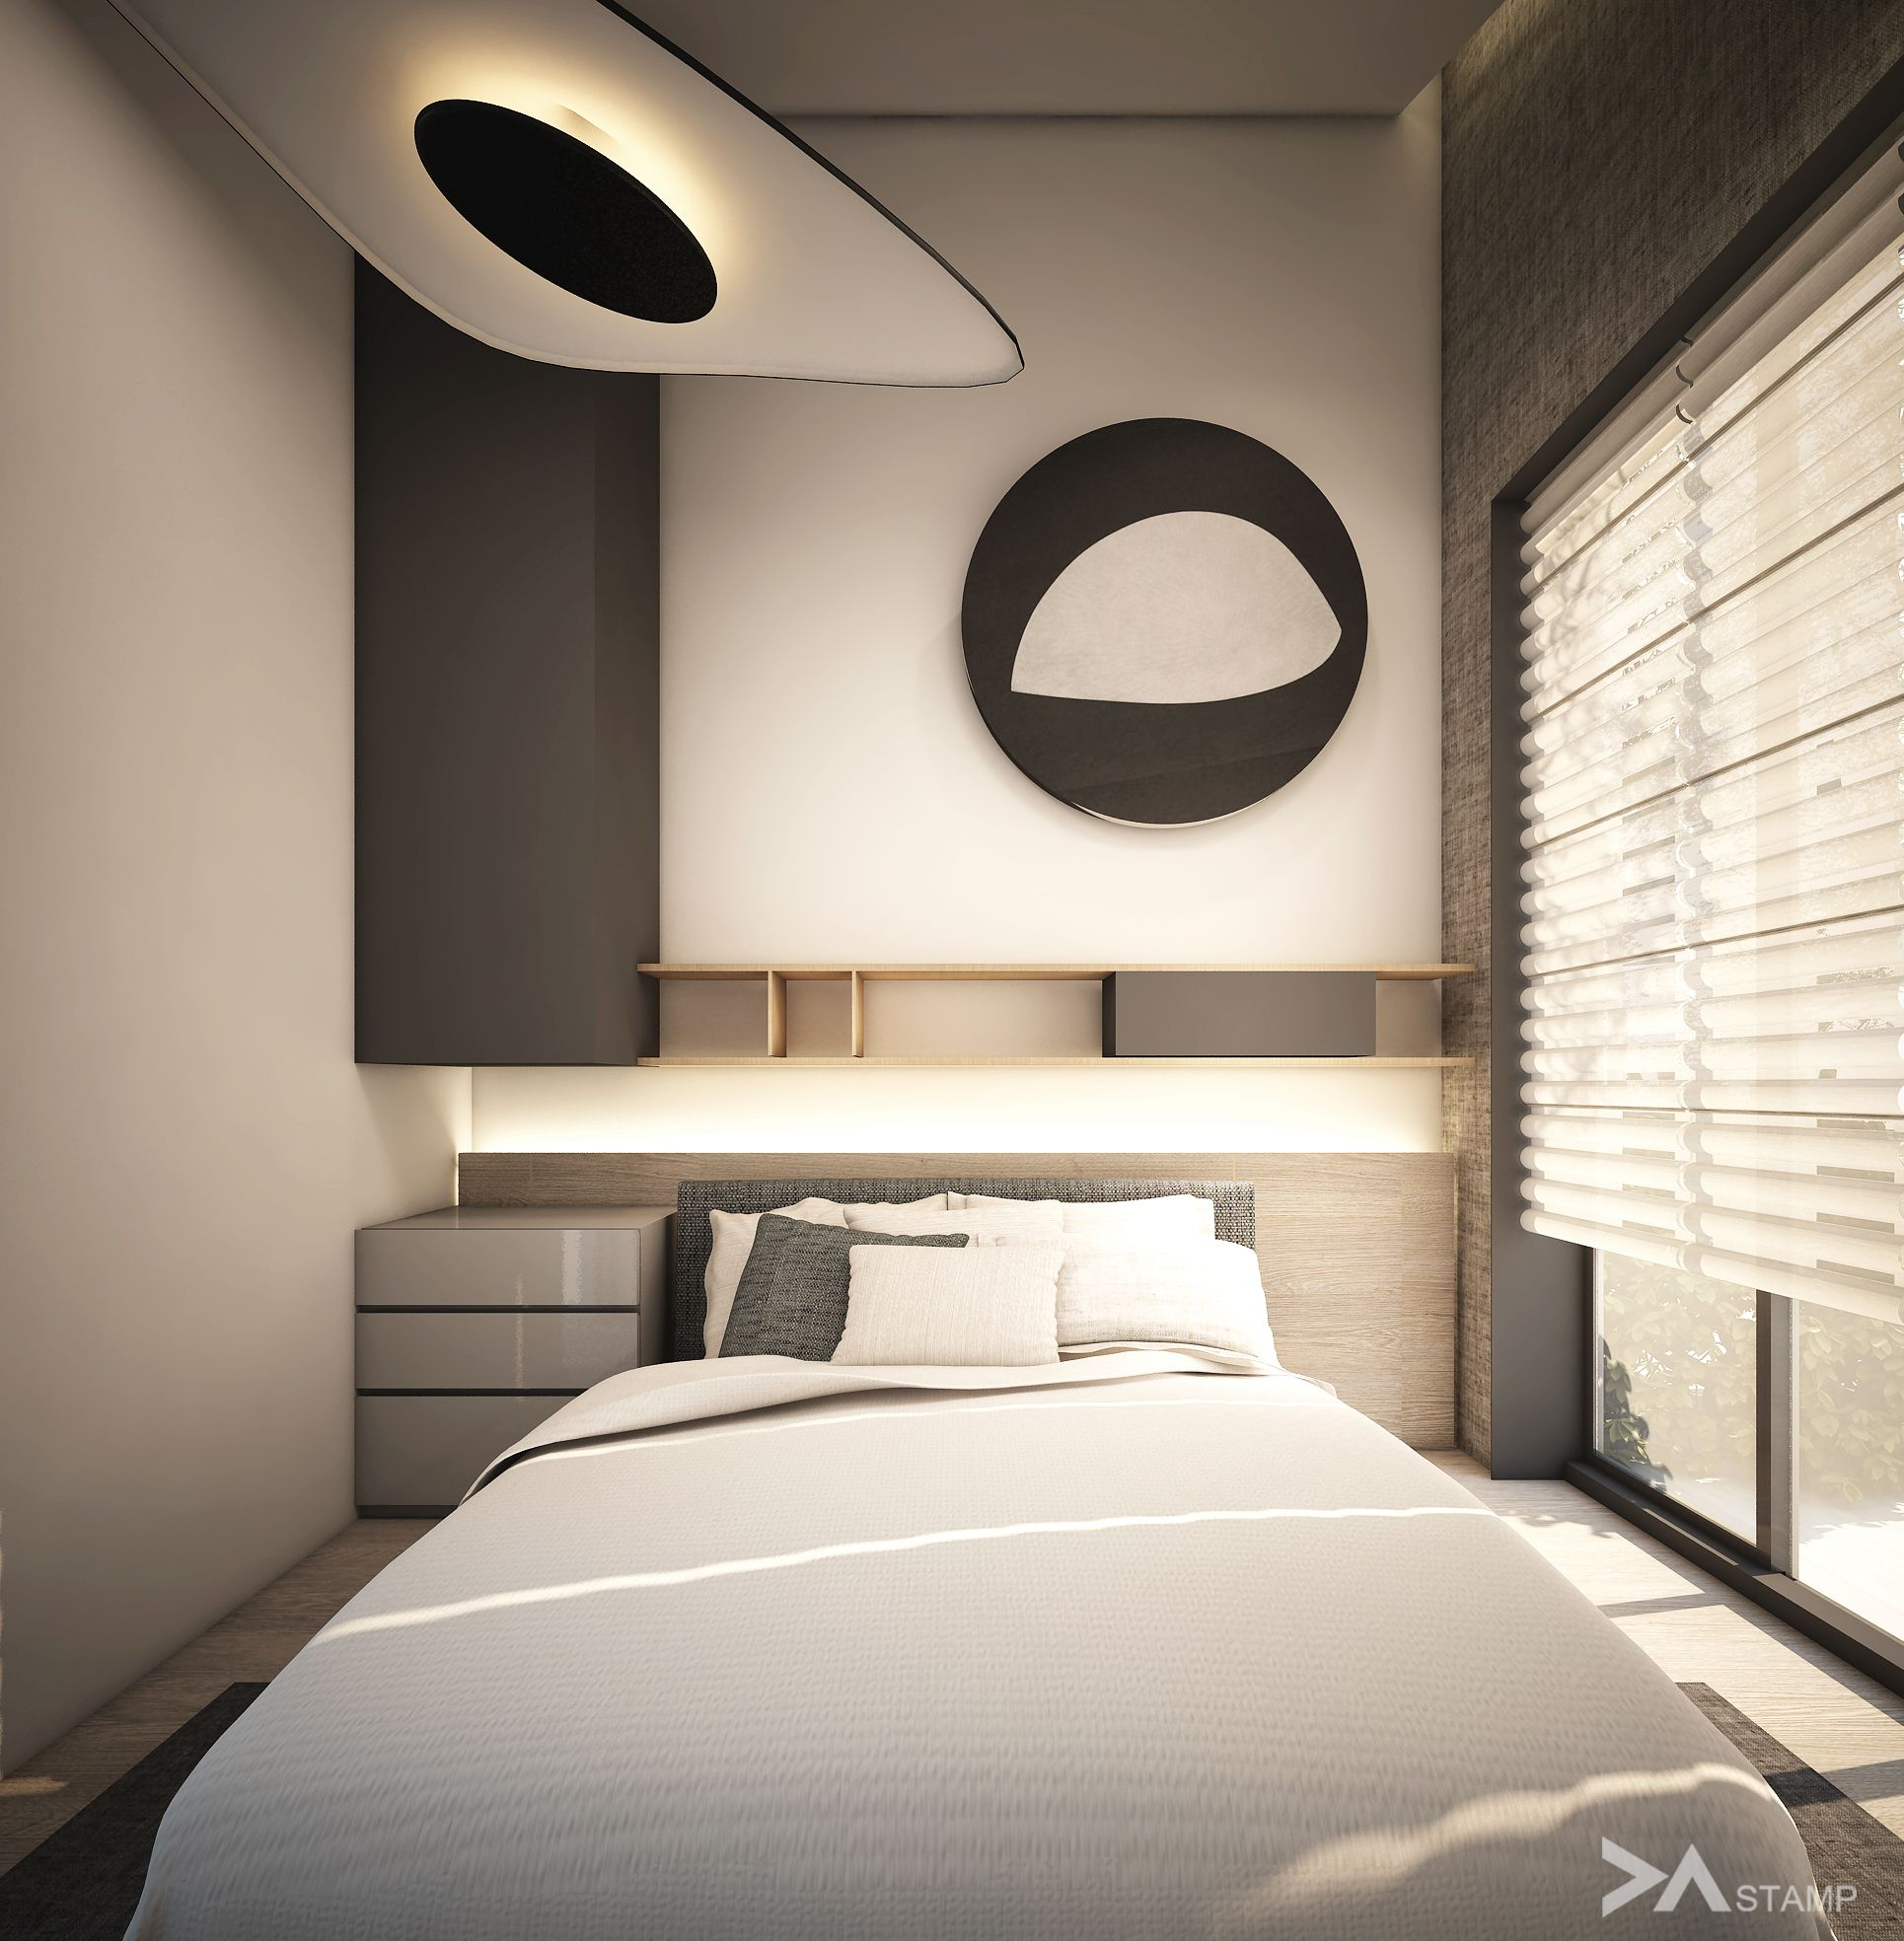 Moderne soveværelse soveværelsesindretning soveværelsesideer seng værelse luksuriøse soveværelser seng design